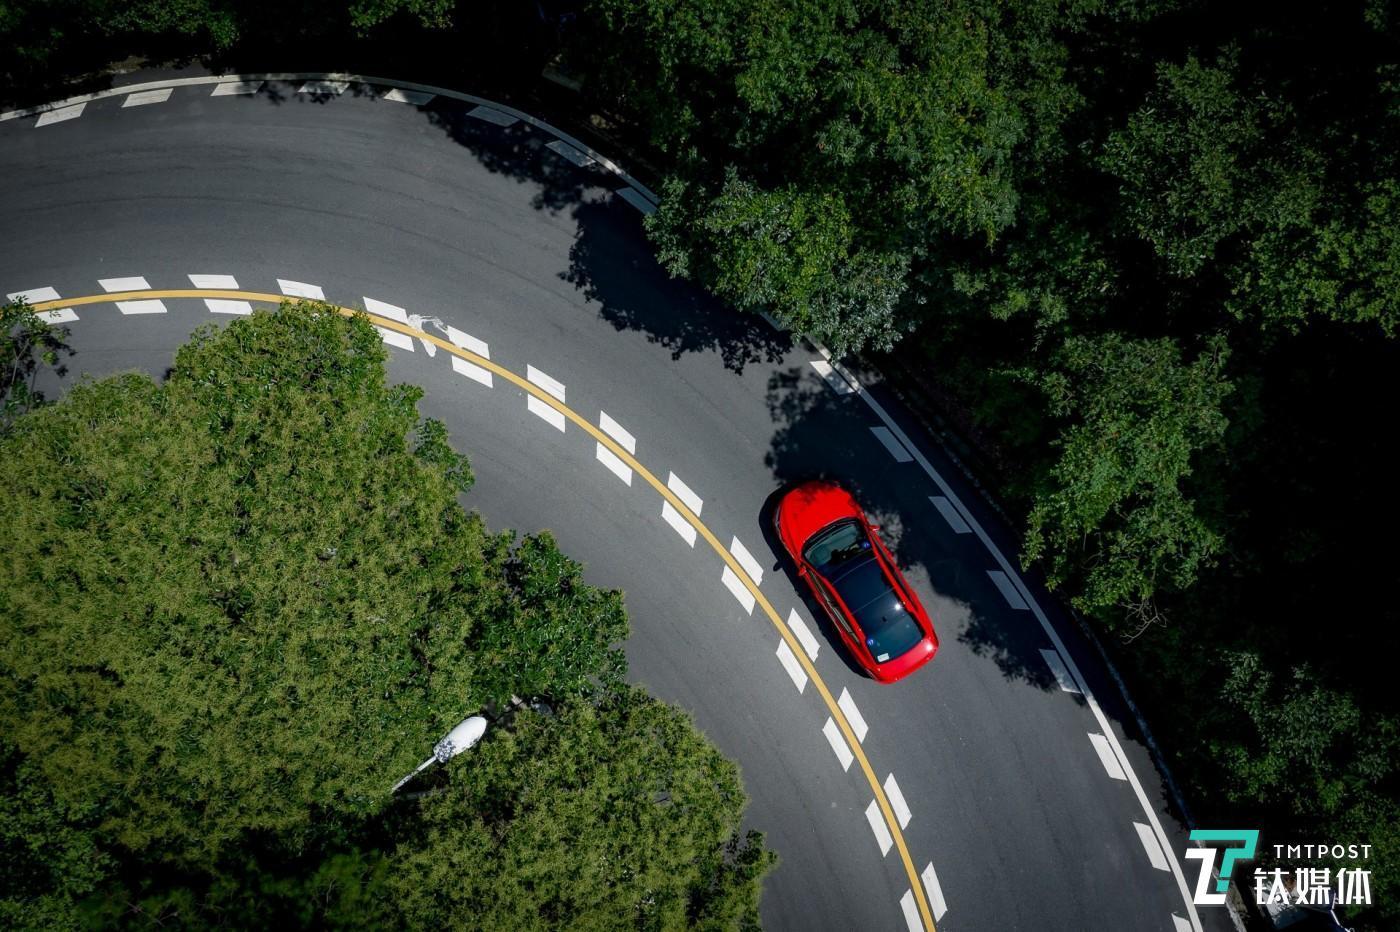 福特的赛道基因与驾控优势也是品牌的血脉之一